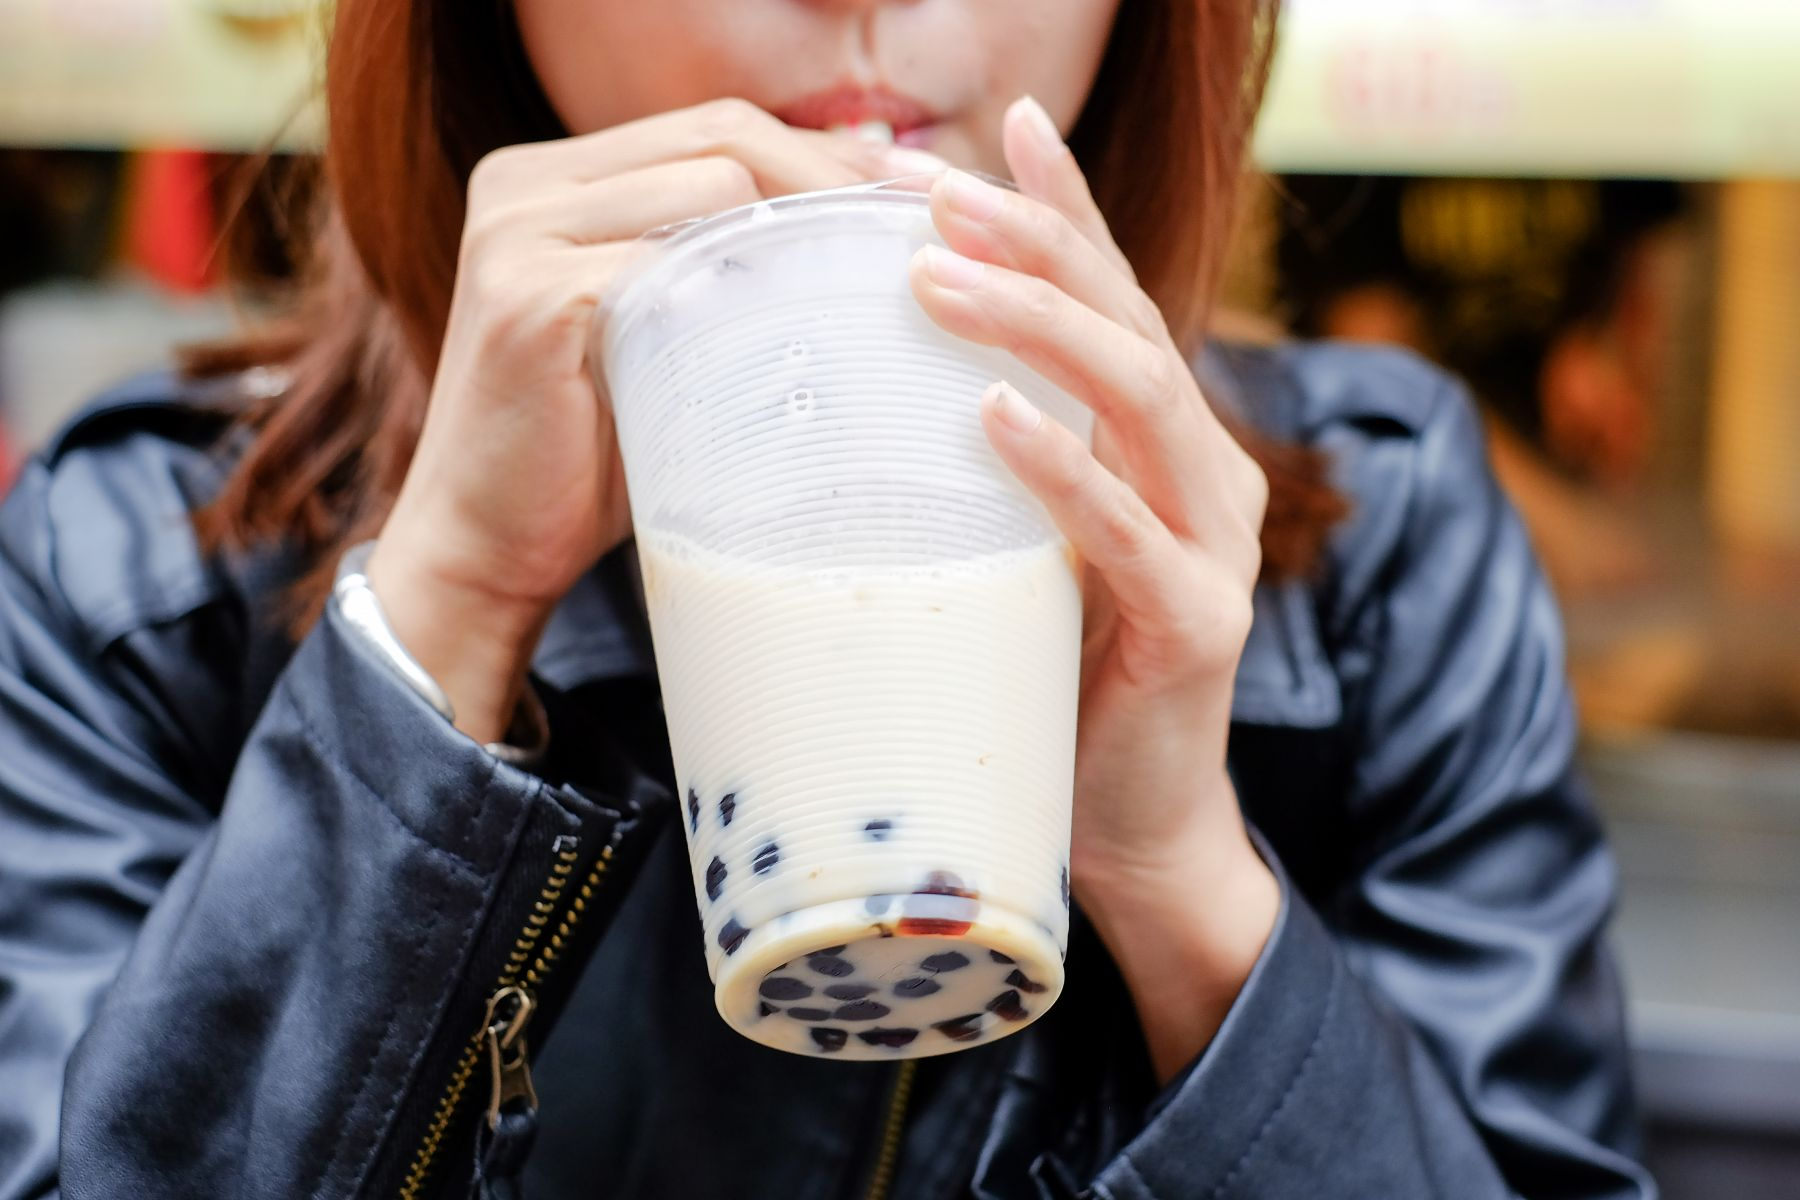 壓力大買珍奶;心裡苦悶就喝酒!我們這一代的小確幸真相:貪吃背後,是悲傷的貧窮…